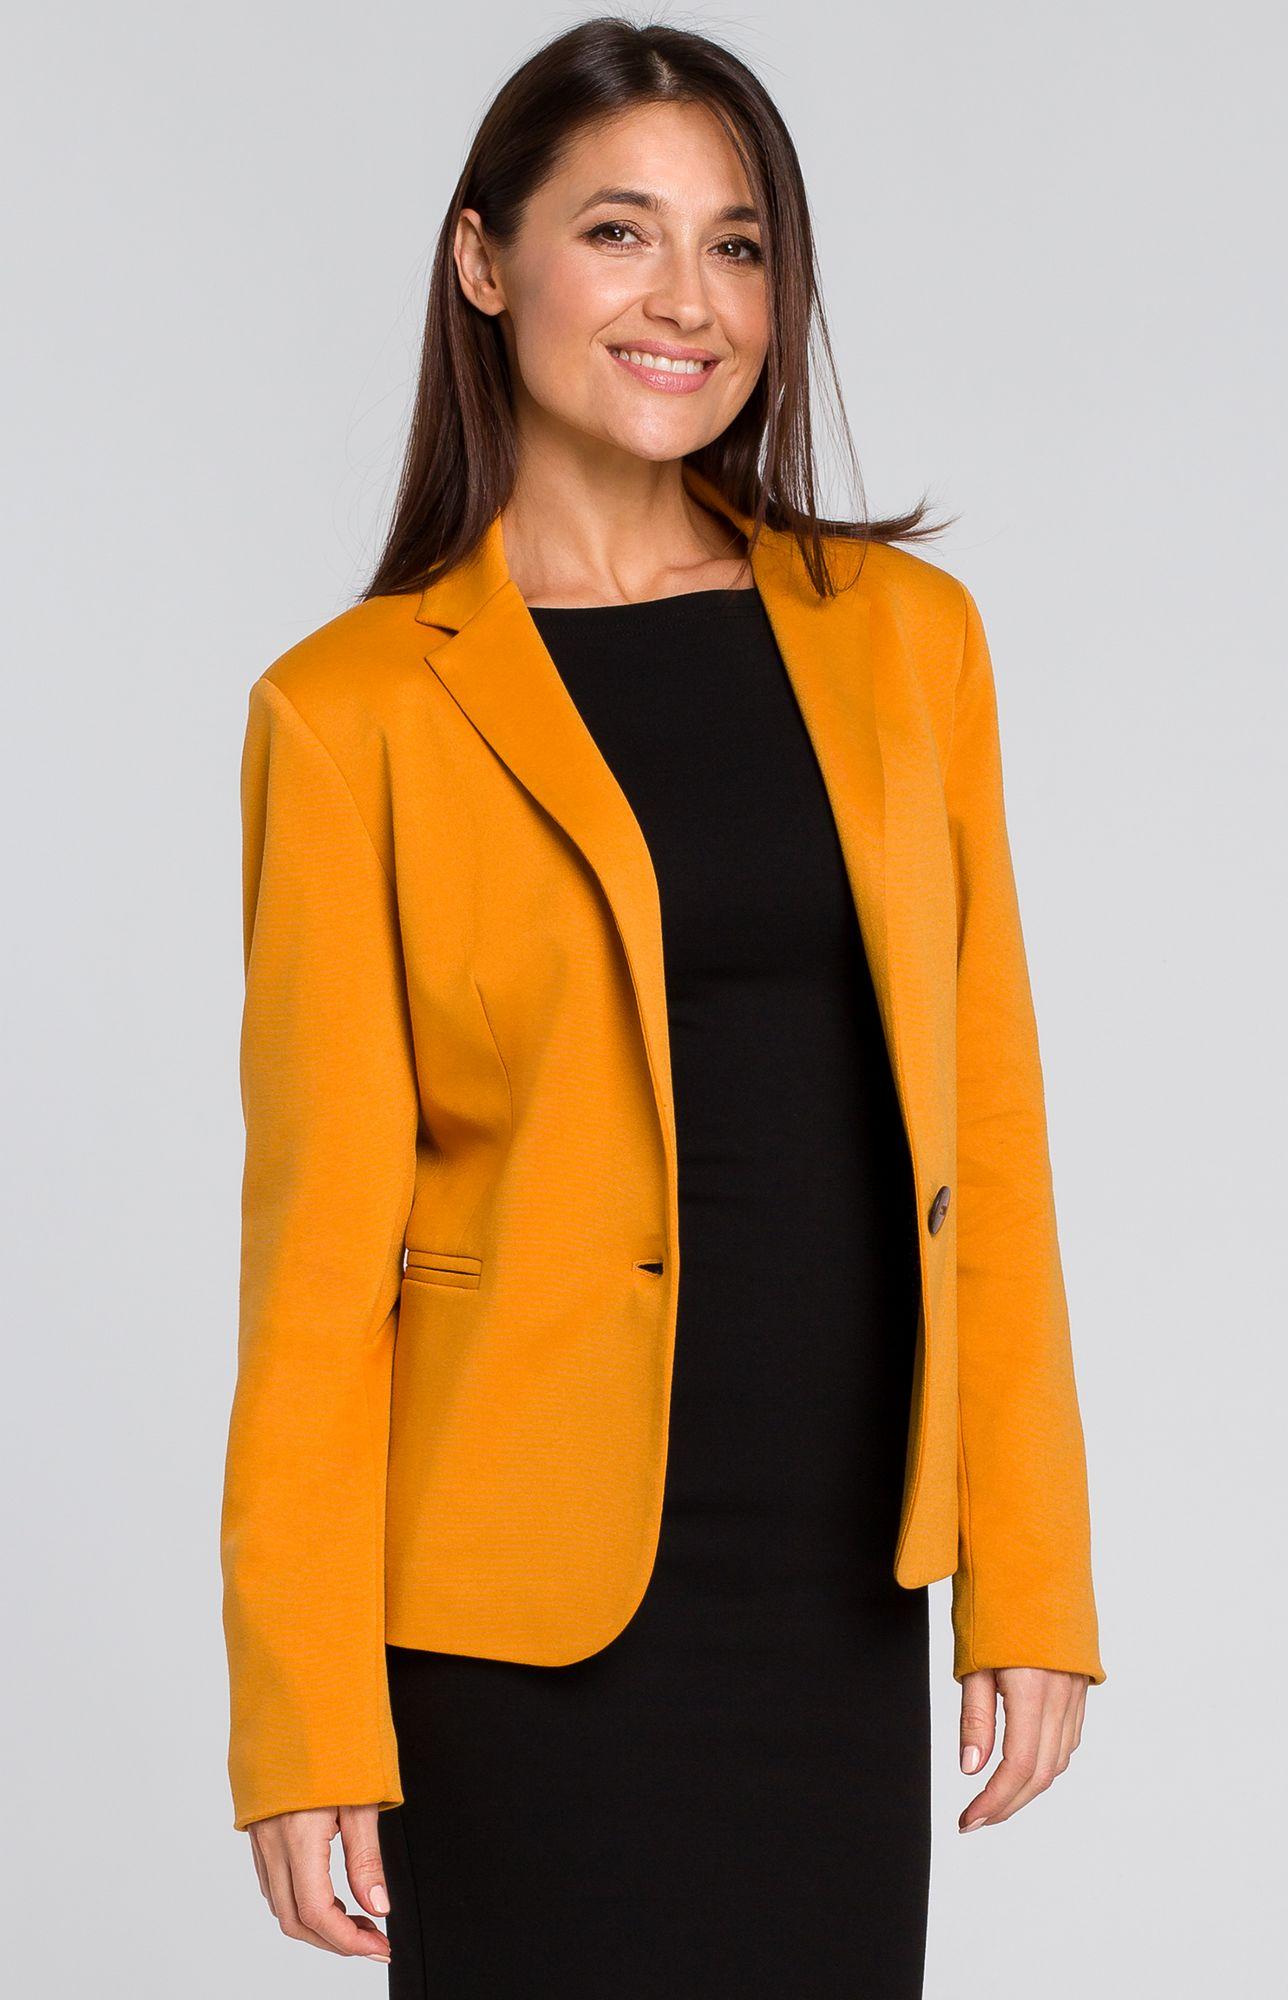 genuine shoes official shop best supplier Veste blazer 1 bouton jaune